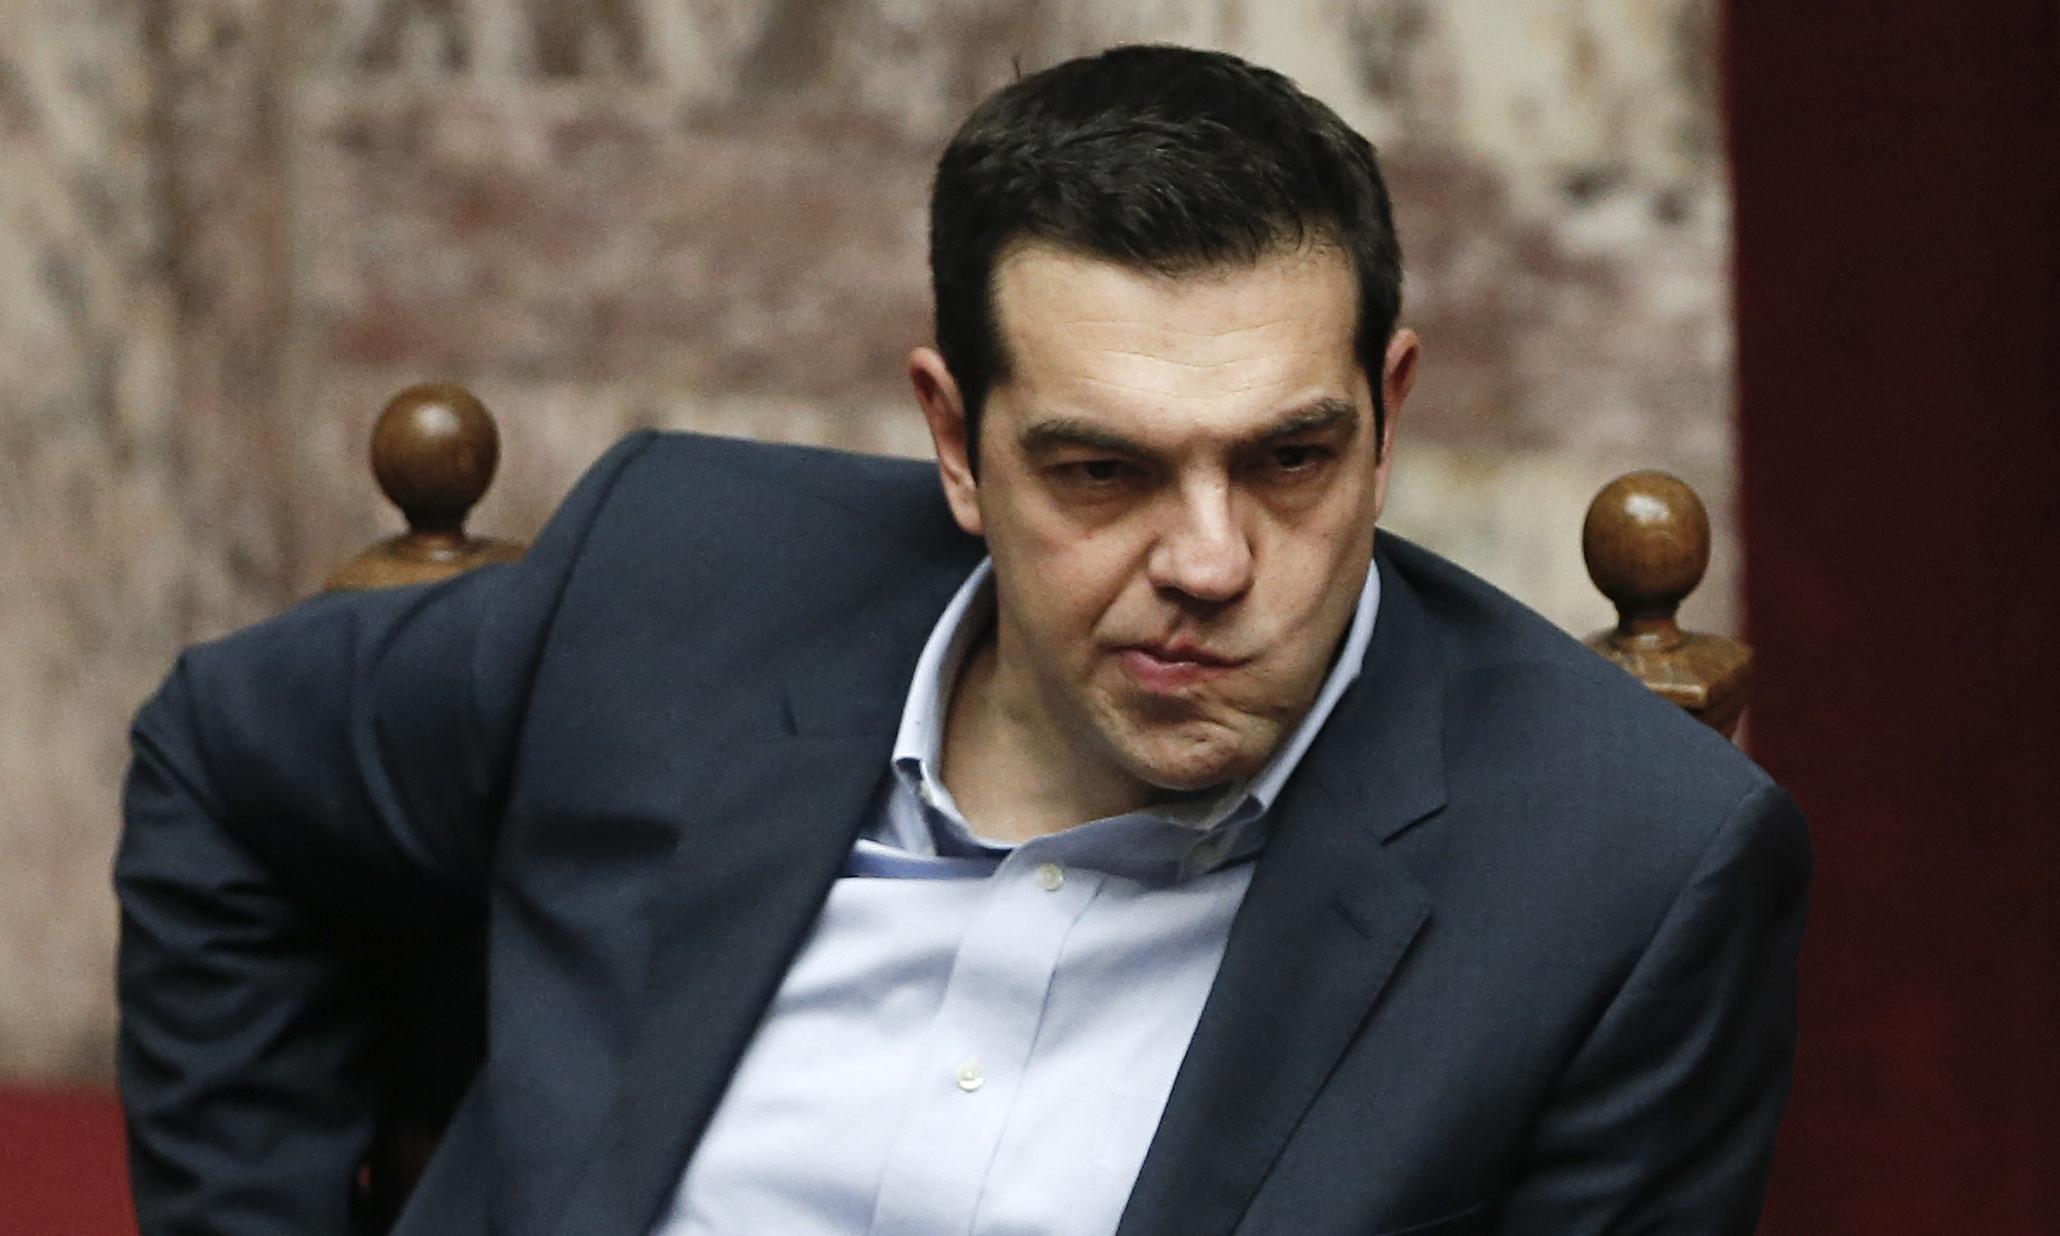 Ο Αλέξης Τσίπρας ζητάει αναβολή της συζήτησης στη Βουλή για τον Πάνο Καμμένο